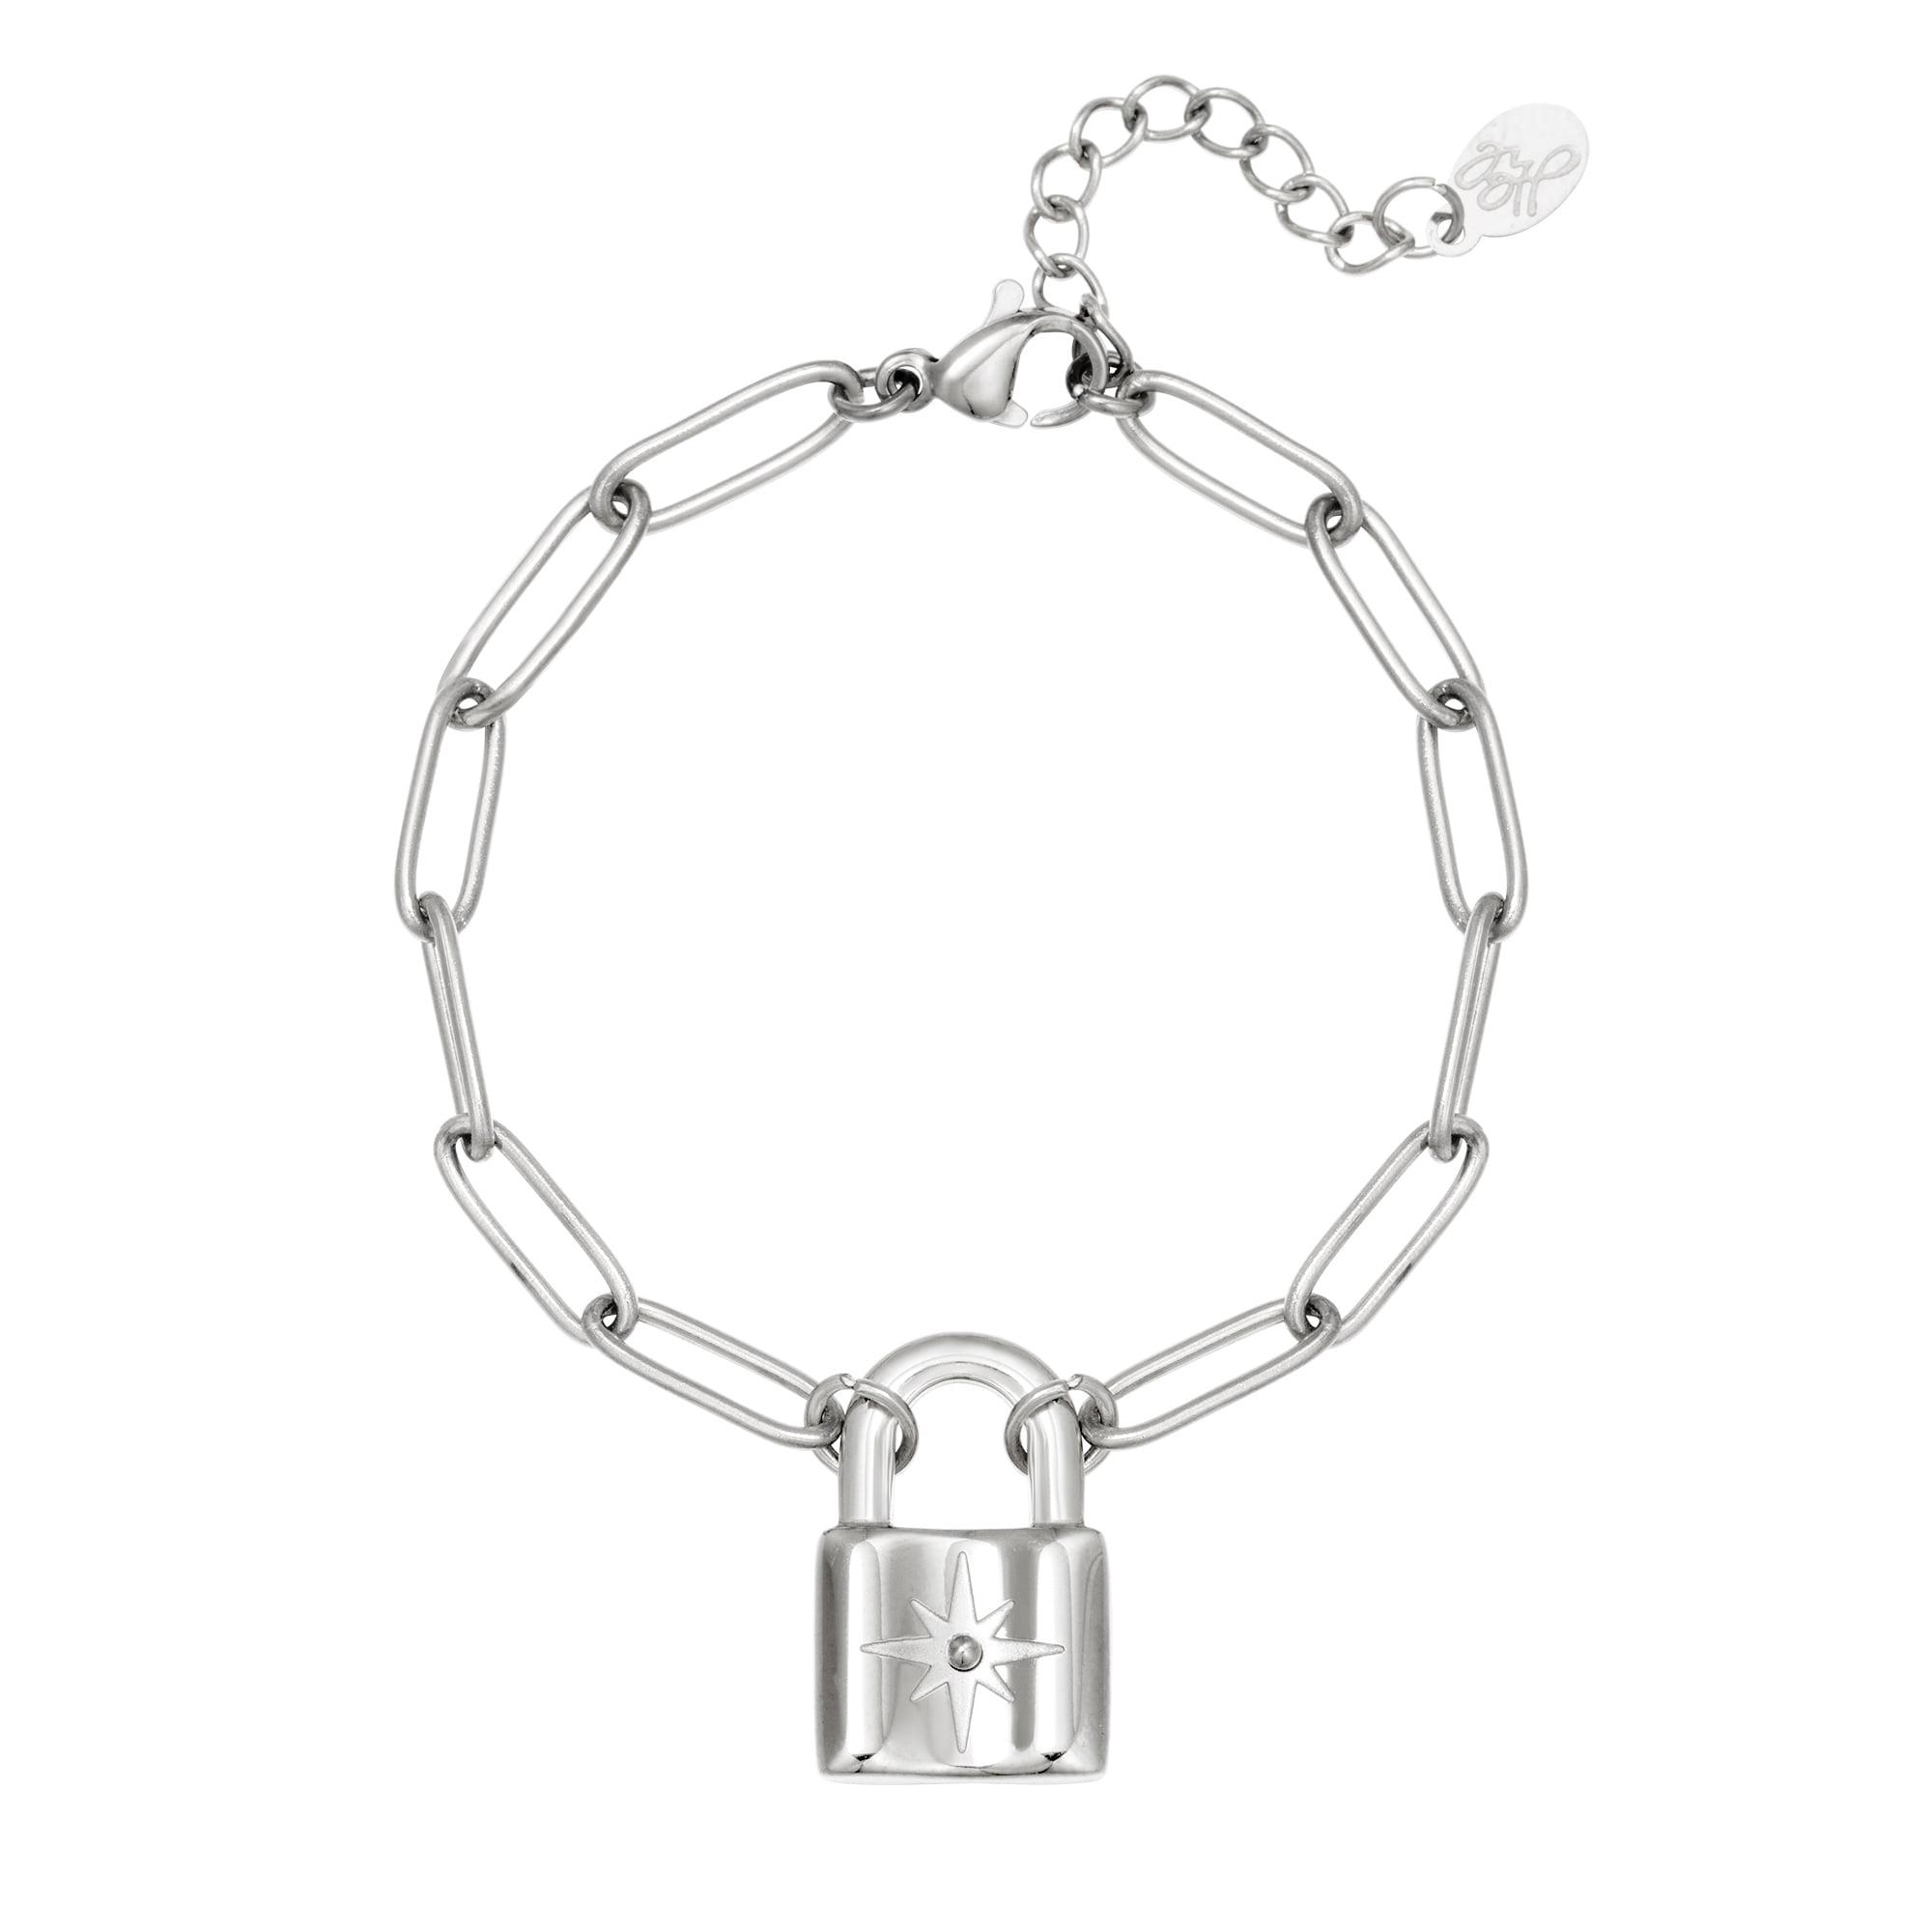 Schakelarmband Star & Lock zilver zilveren armbanden met slot bedel met ster rvs dames sieraden kopen bestellen